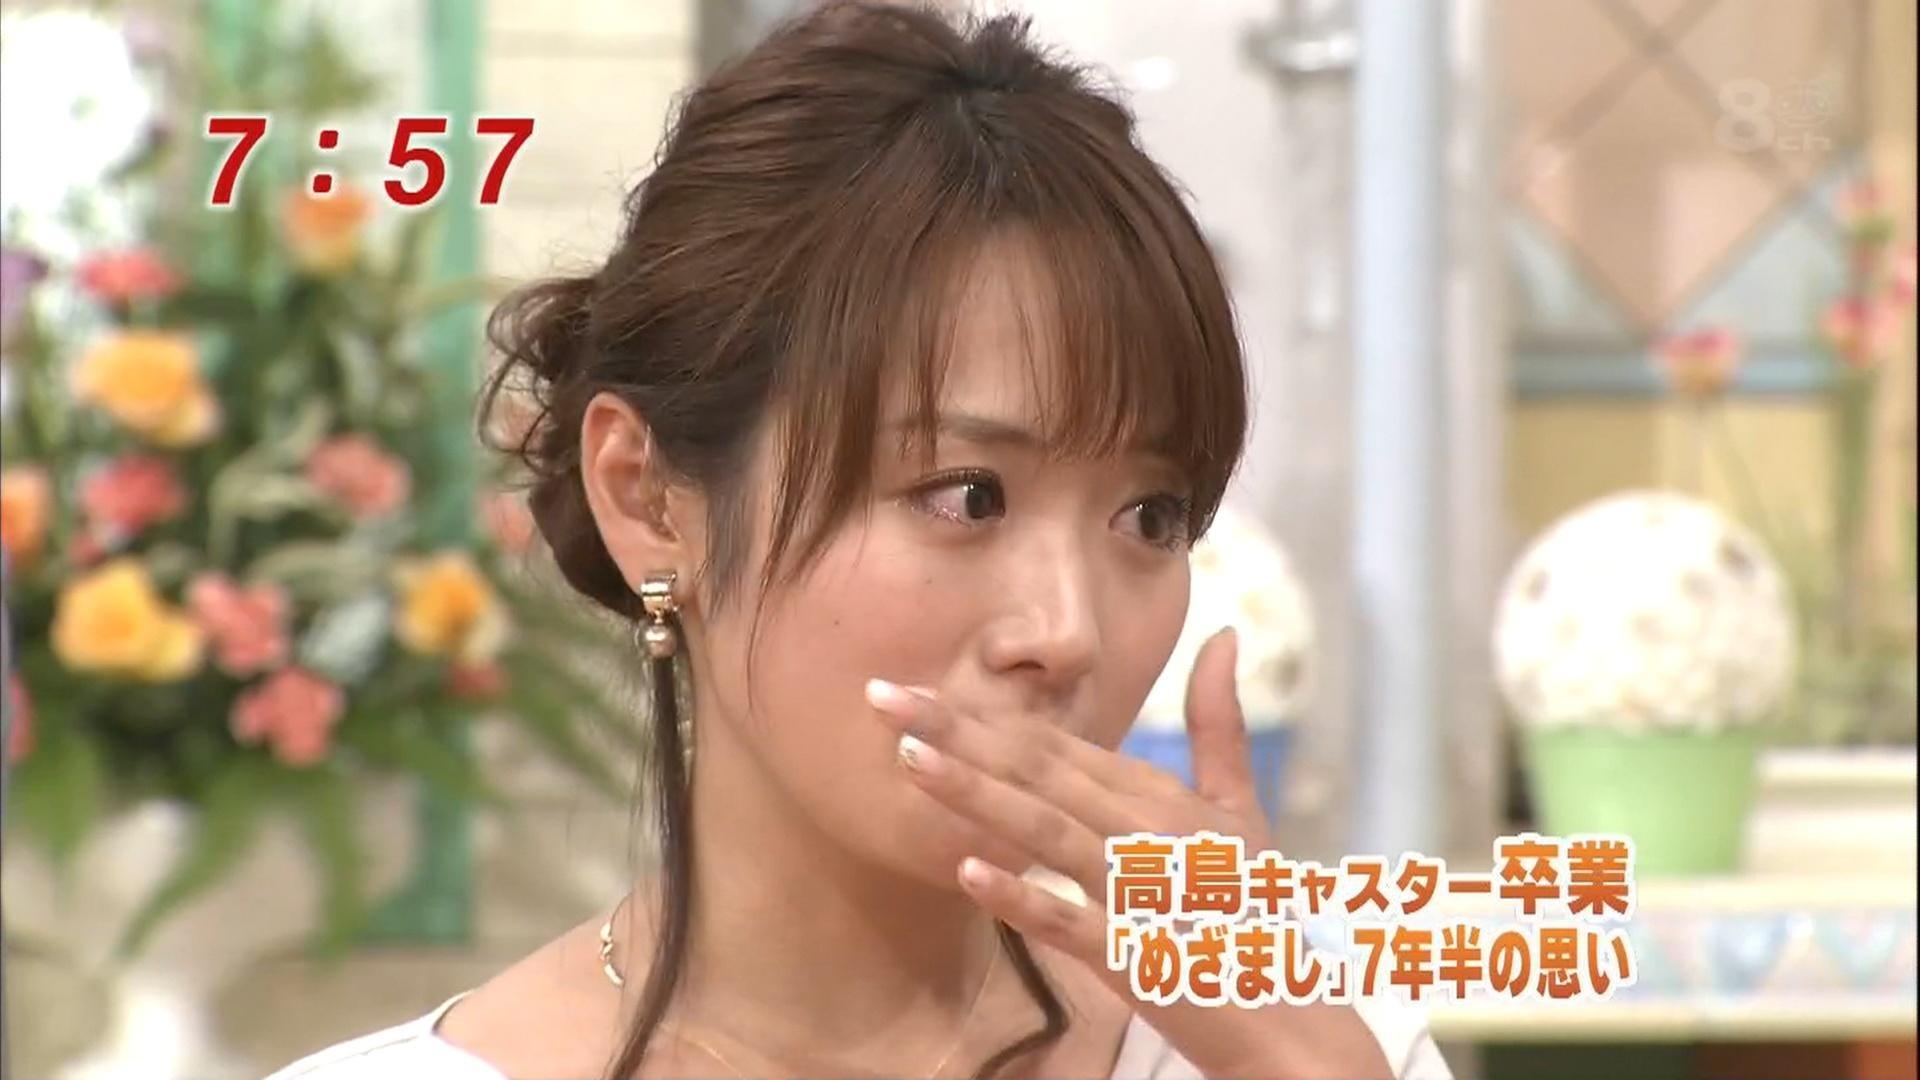 高島彩 泣き顔キャプ画像(エロ・アイコラ画像)